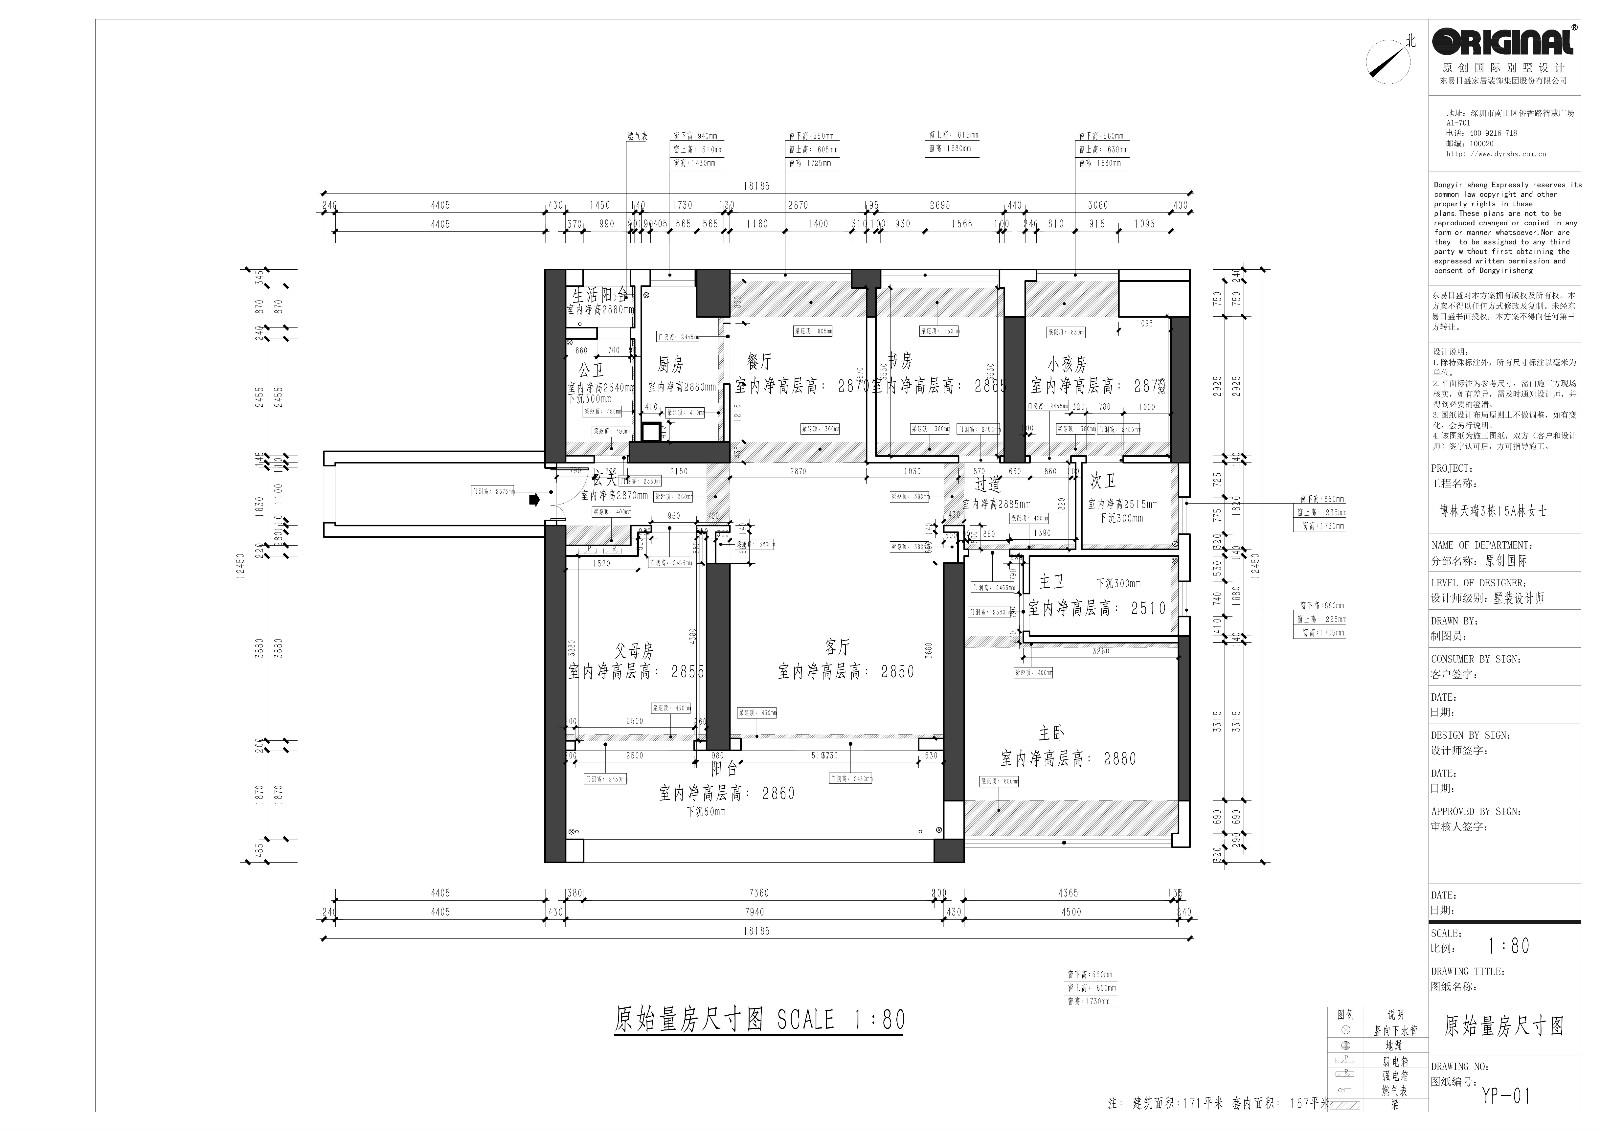 博林天瑞 171平米 现代简约装修风格效果图案例装修设计理念